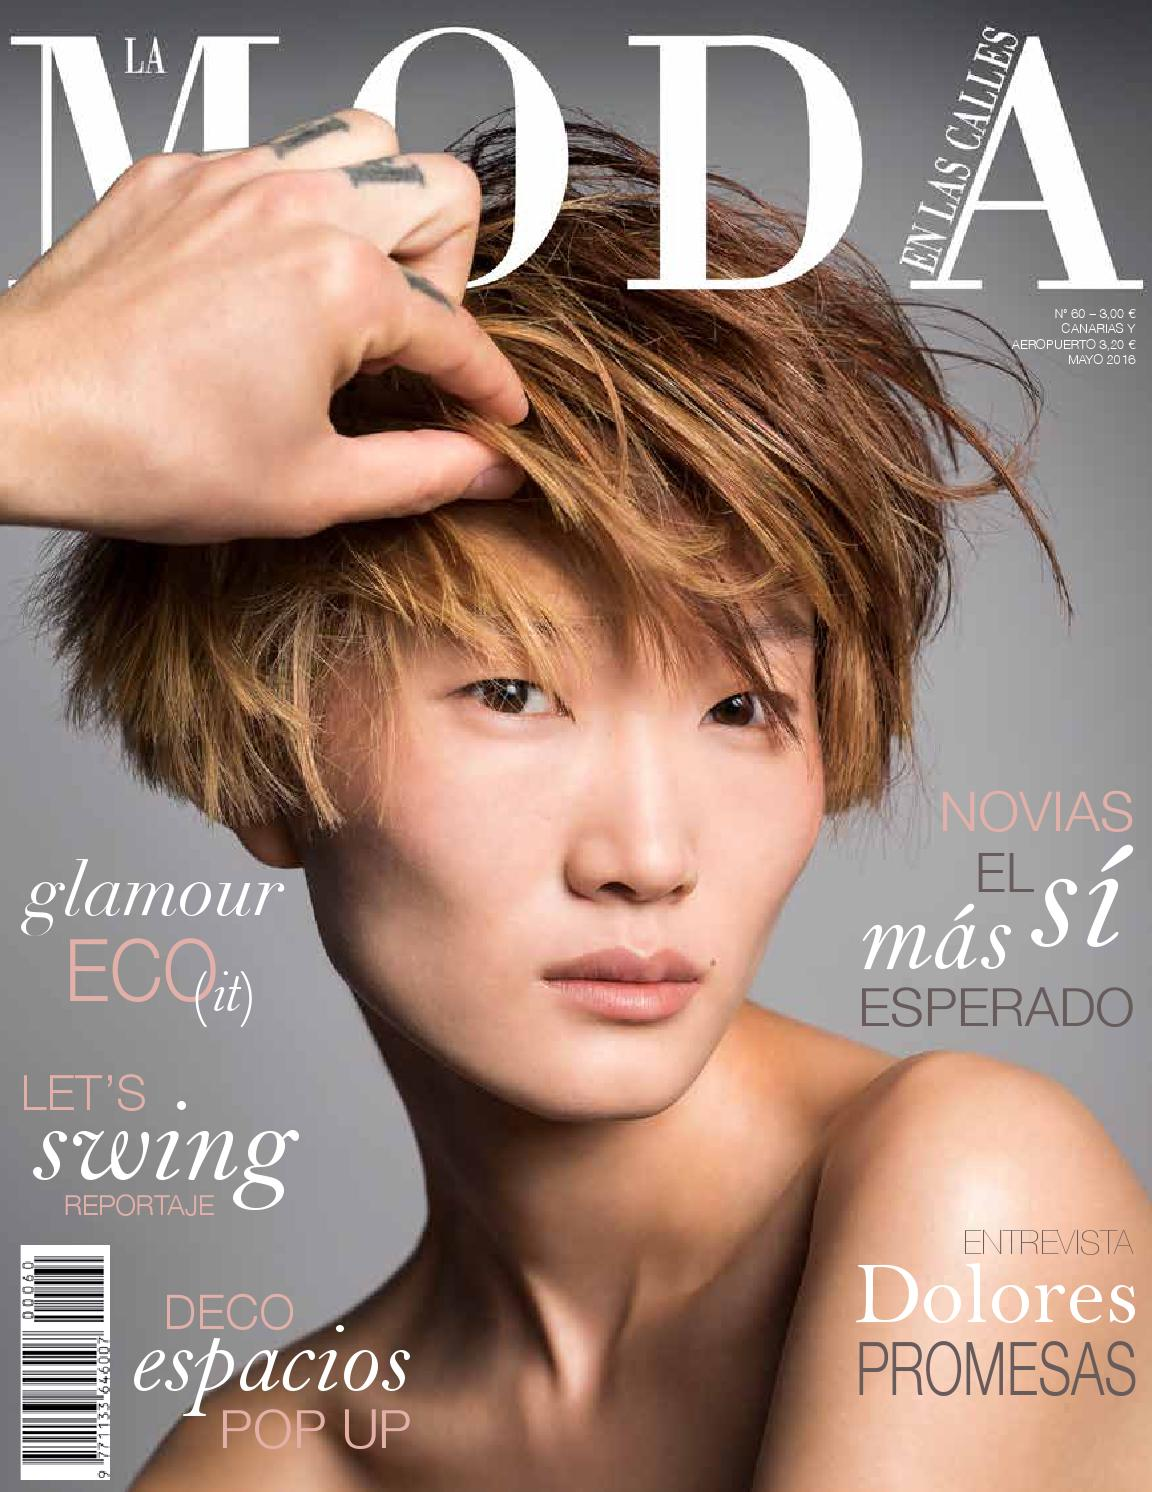 LA MODA EN LAS CALLES 60 by EDIMODA - issuu 113adf58989